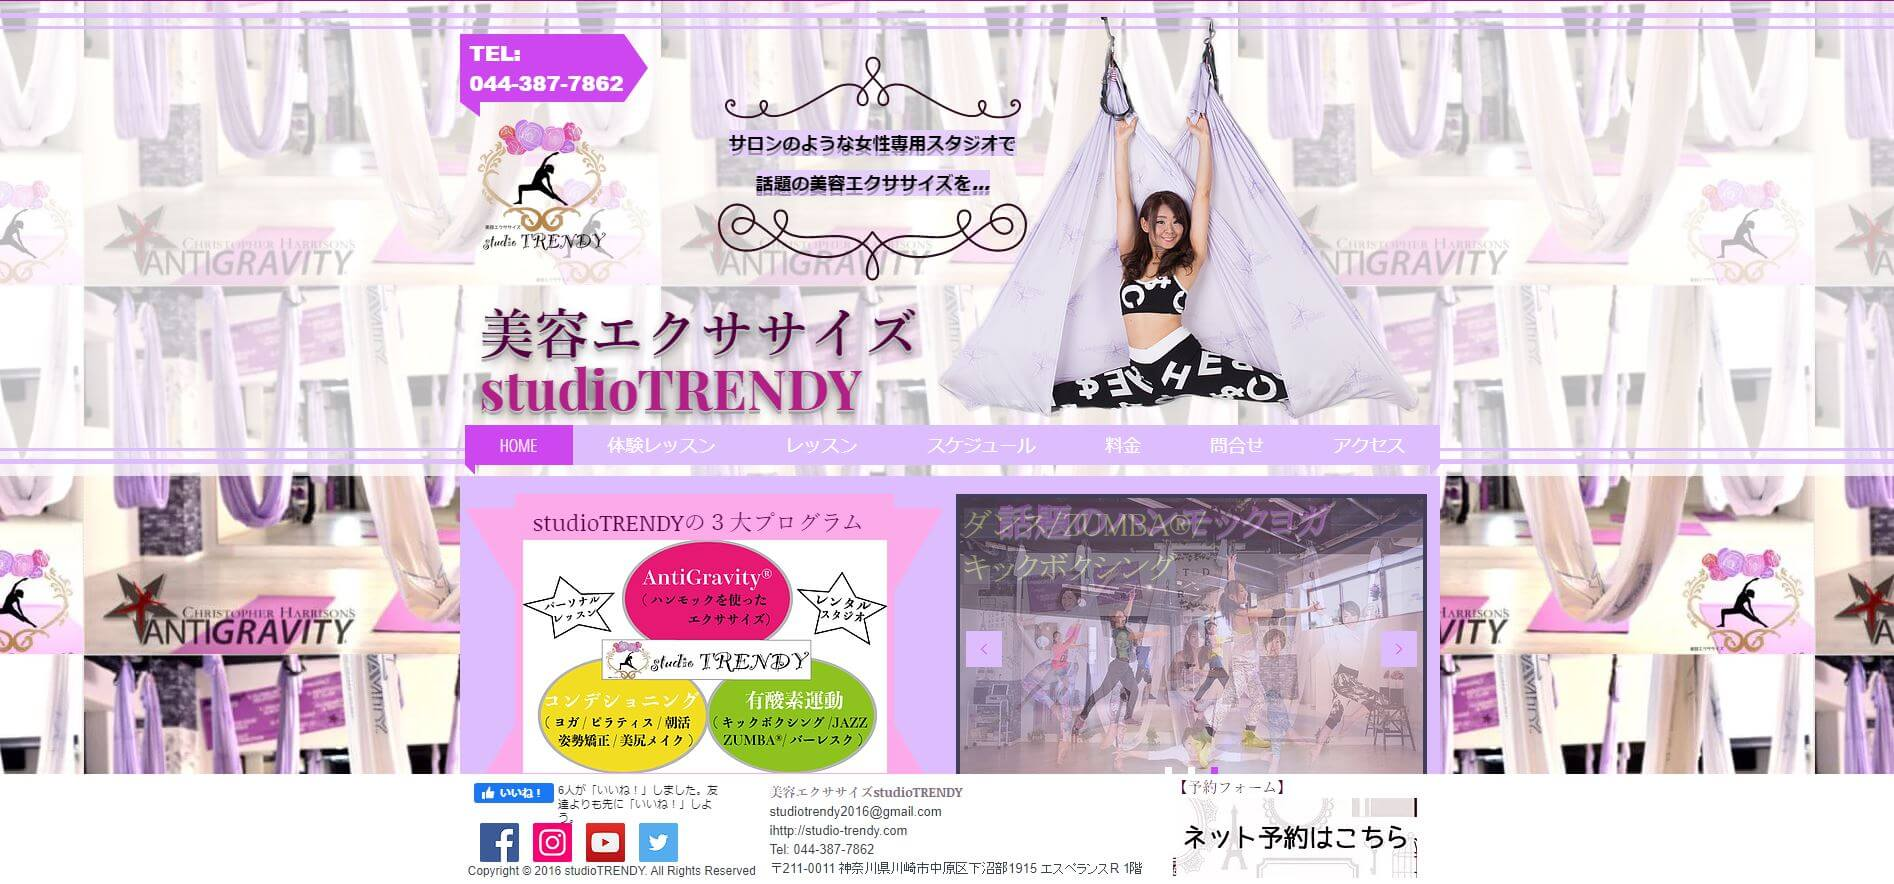 studioTRENDY